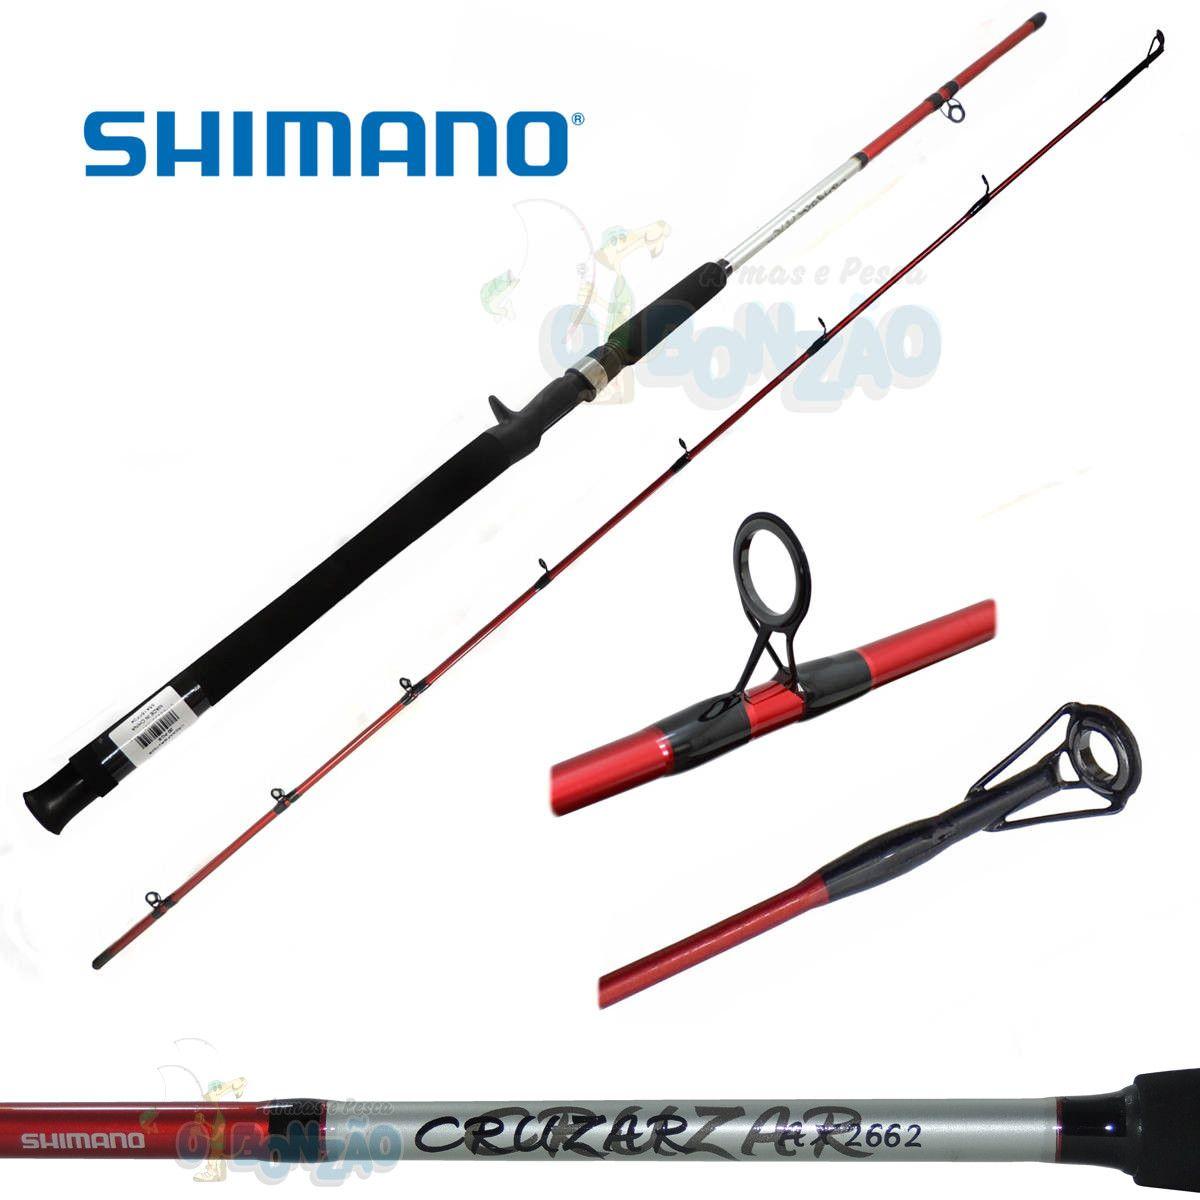 """Vara Shimano Cruzar AX 2662 Red - 10-20lb - 6`6"""" (1,98m) - Carretilha 2 Partes"""